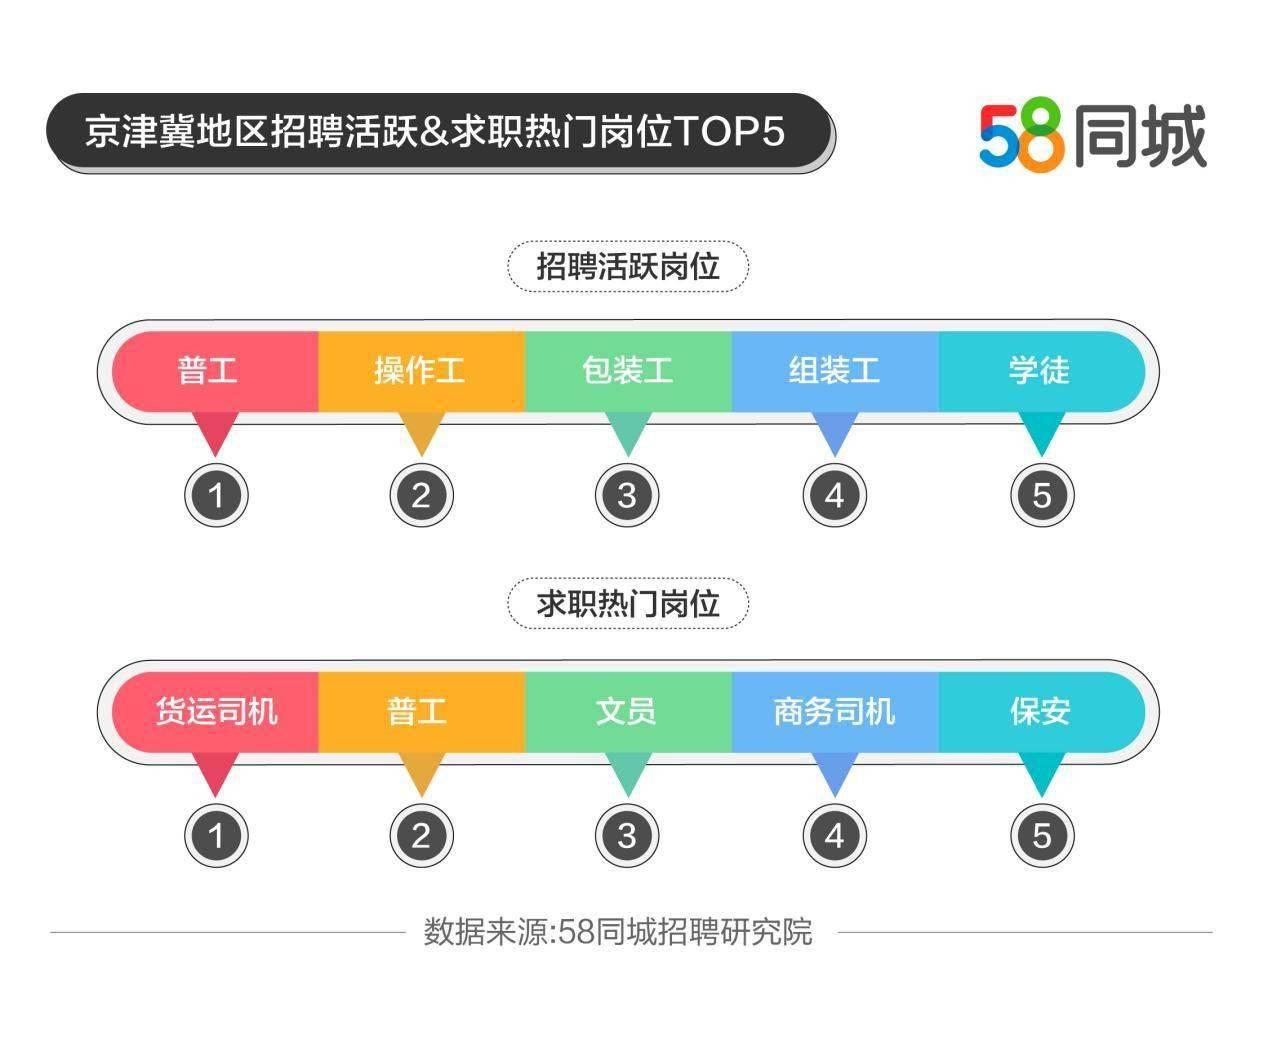 58同城解码京津冀就业趋势:住宿和餐饮业招聘需求显著增长,商务司机求职热情高涨